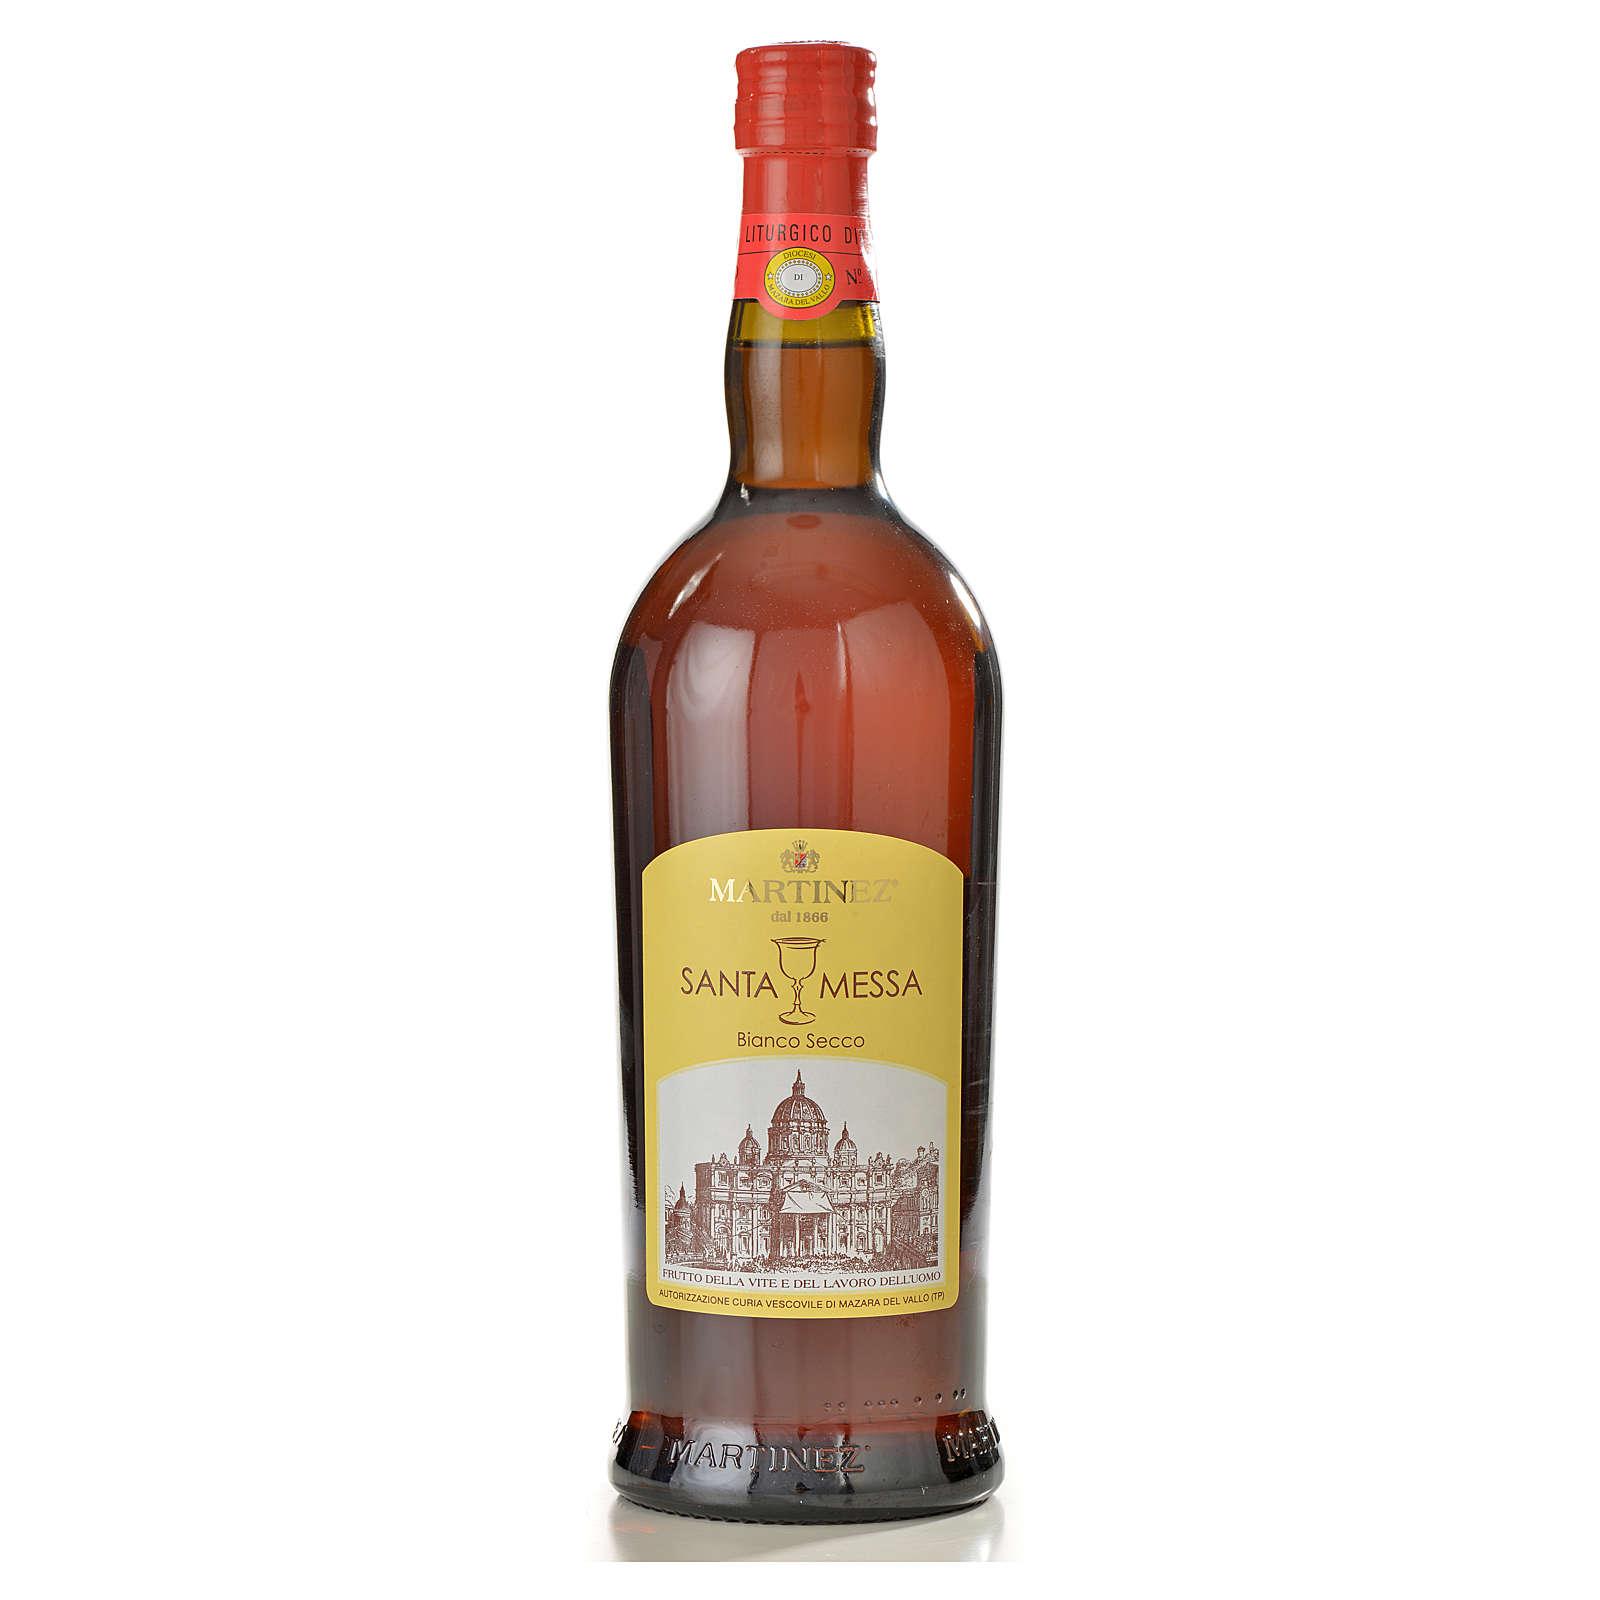 Vino de misa blanco seco - Martinez 3